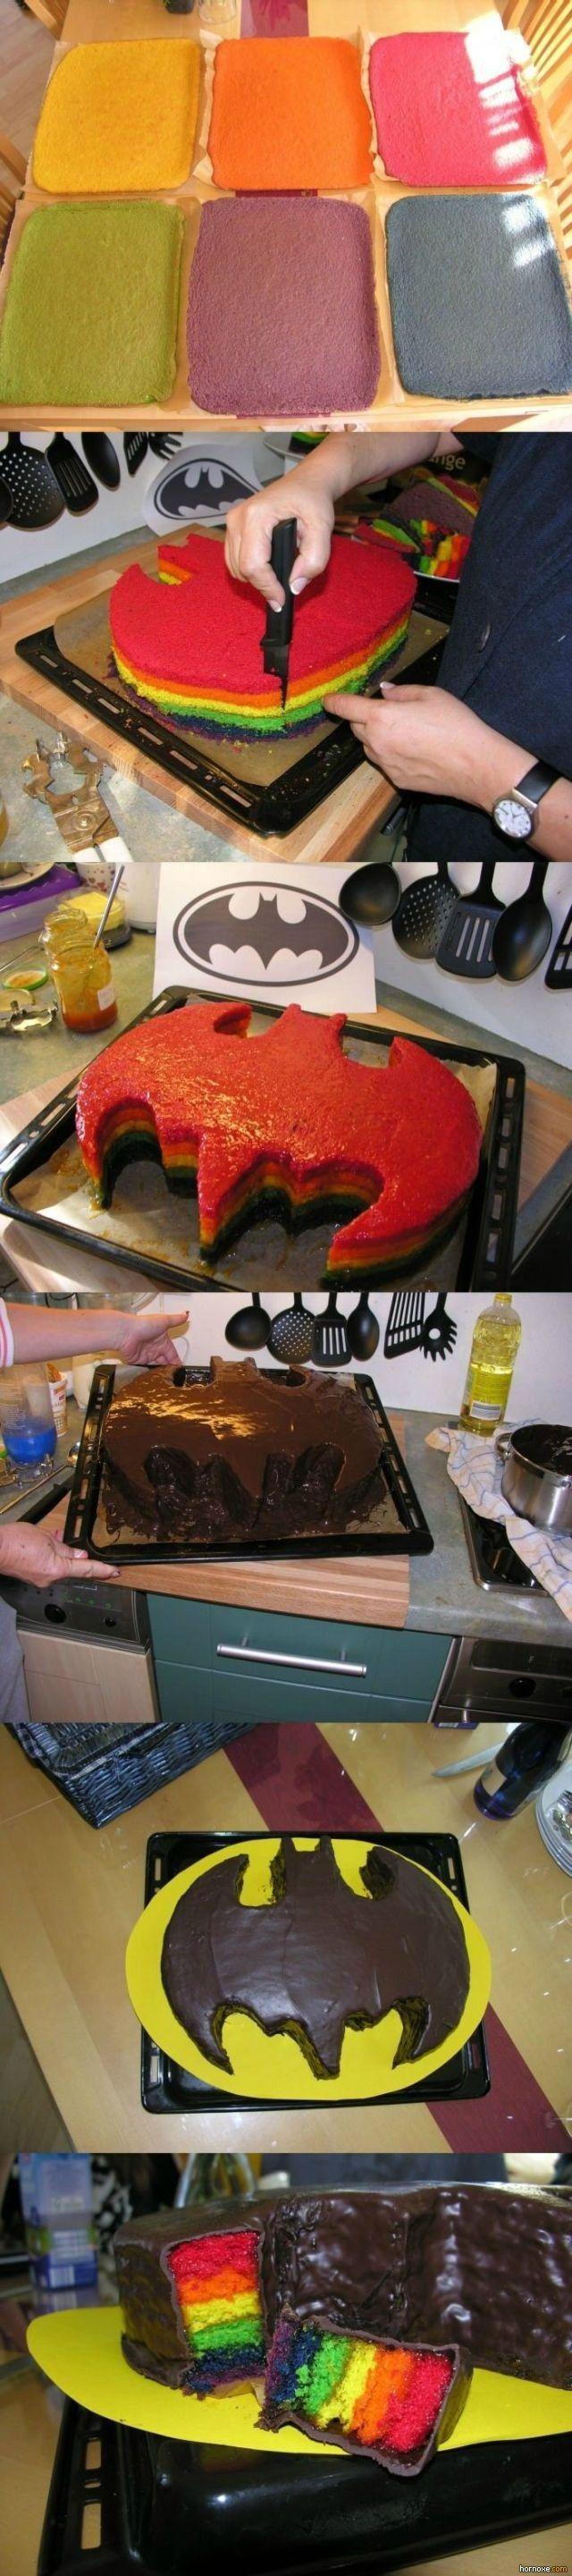 Batman Torte Fur Grosse Und Kleine Fans Ein Super Uberraschung Fur